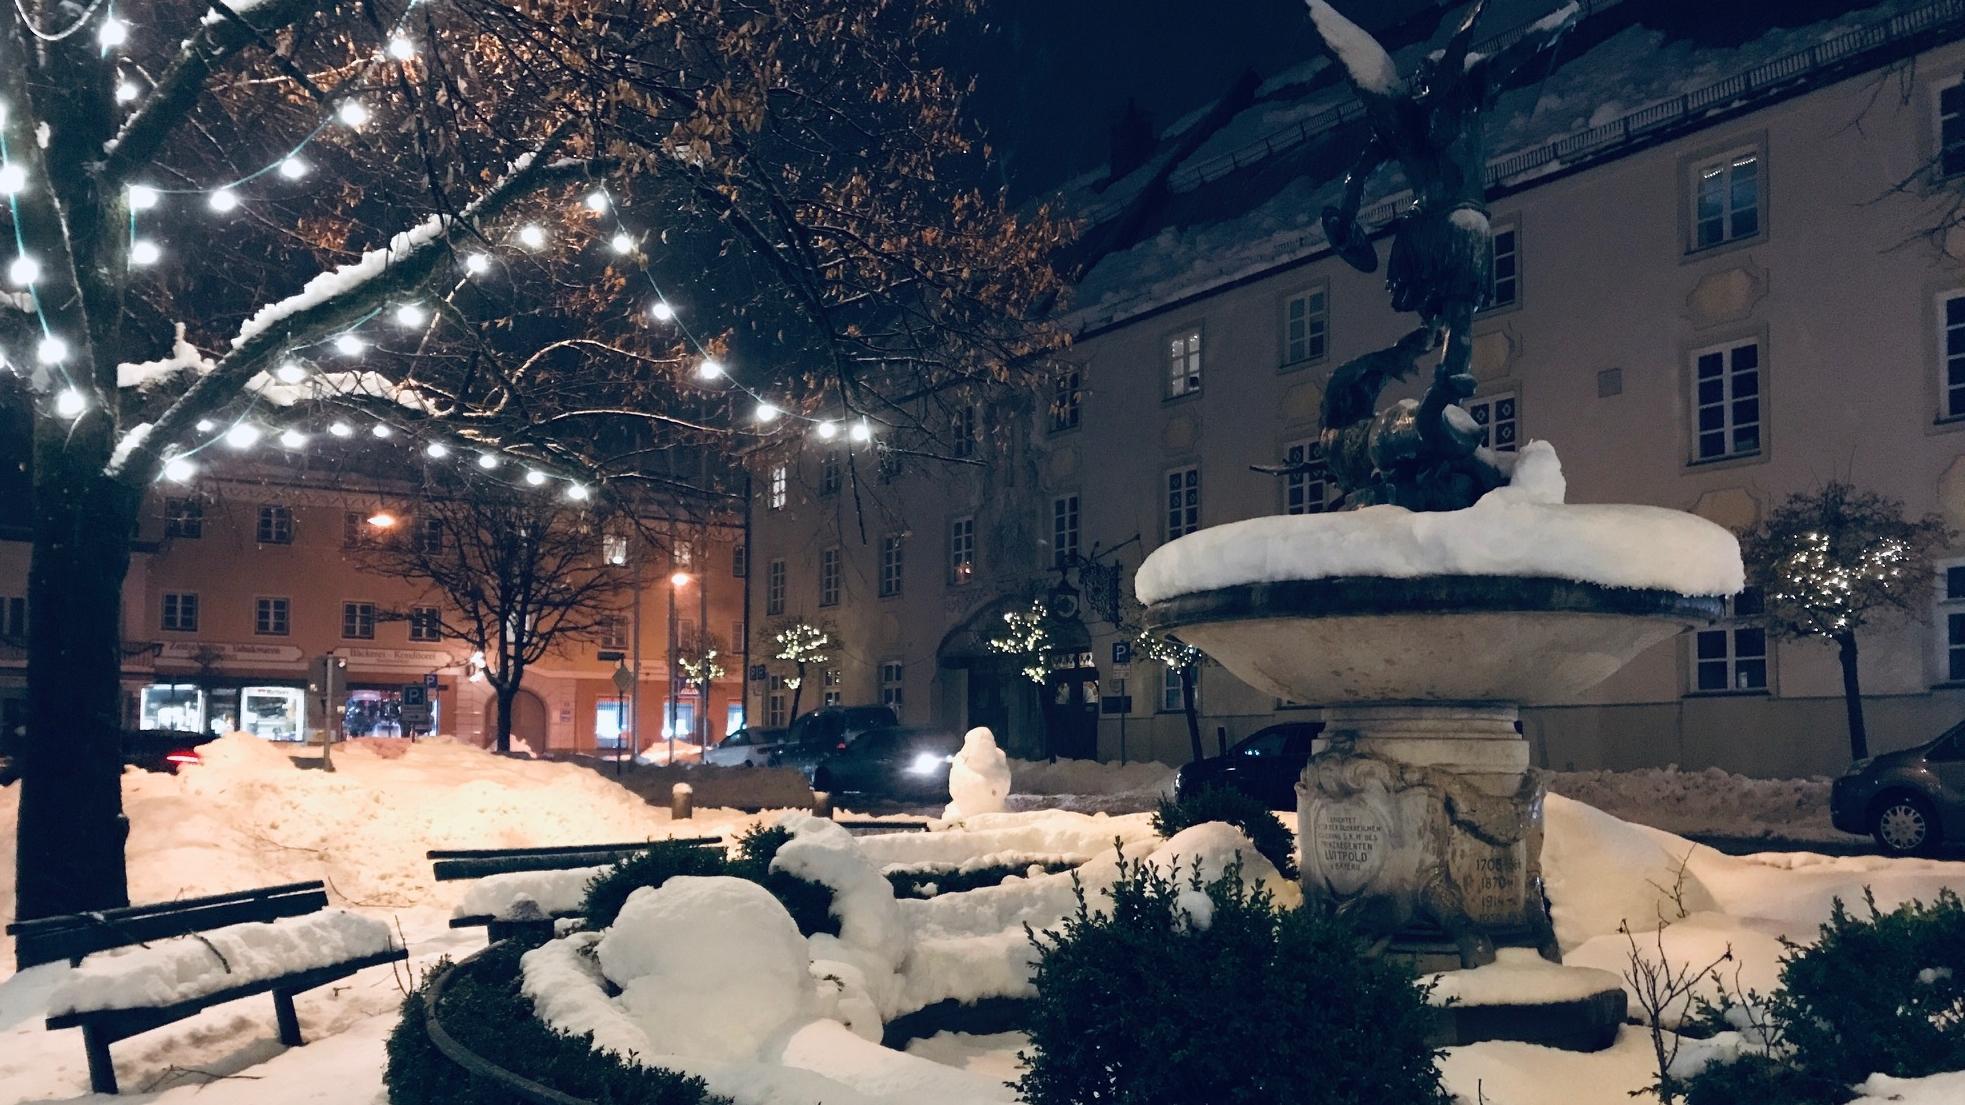 Miesbach: Romantische Schneestimmung am Michaelsbrunnen.